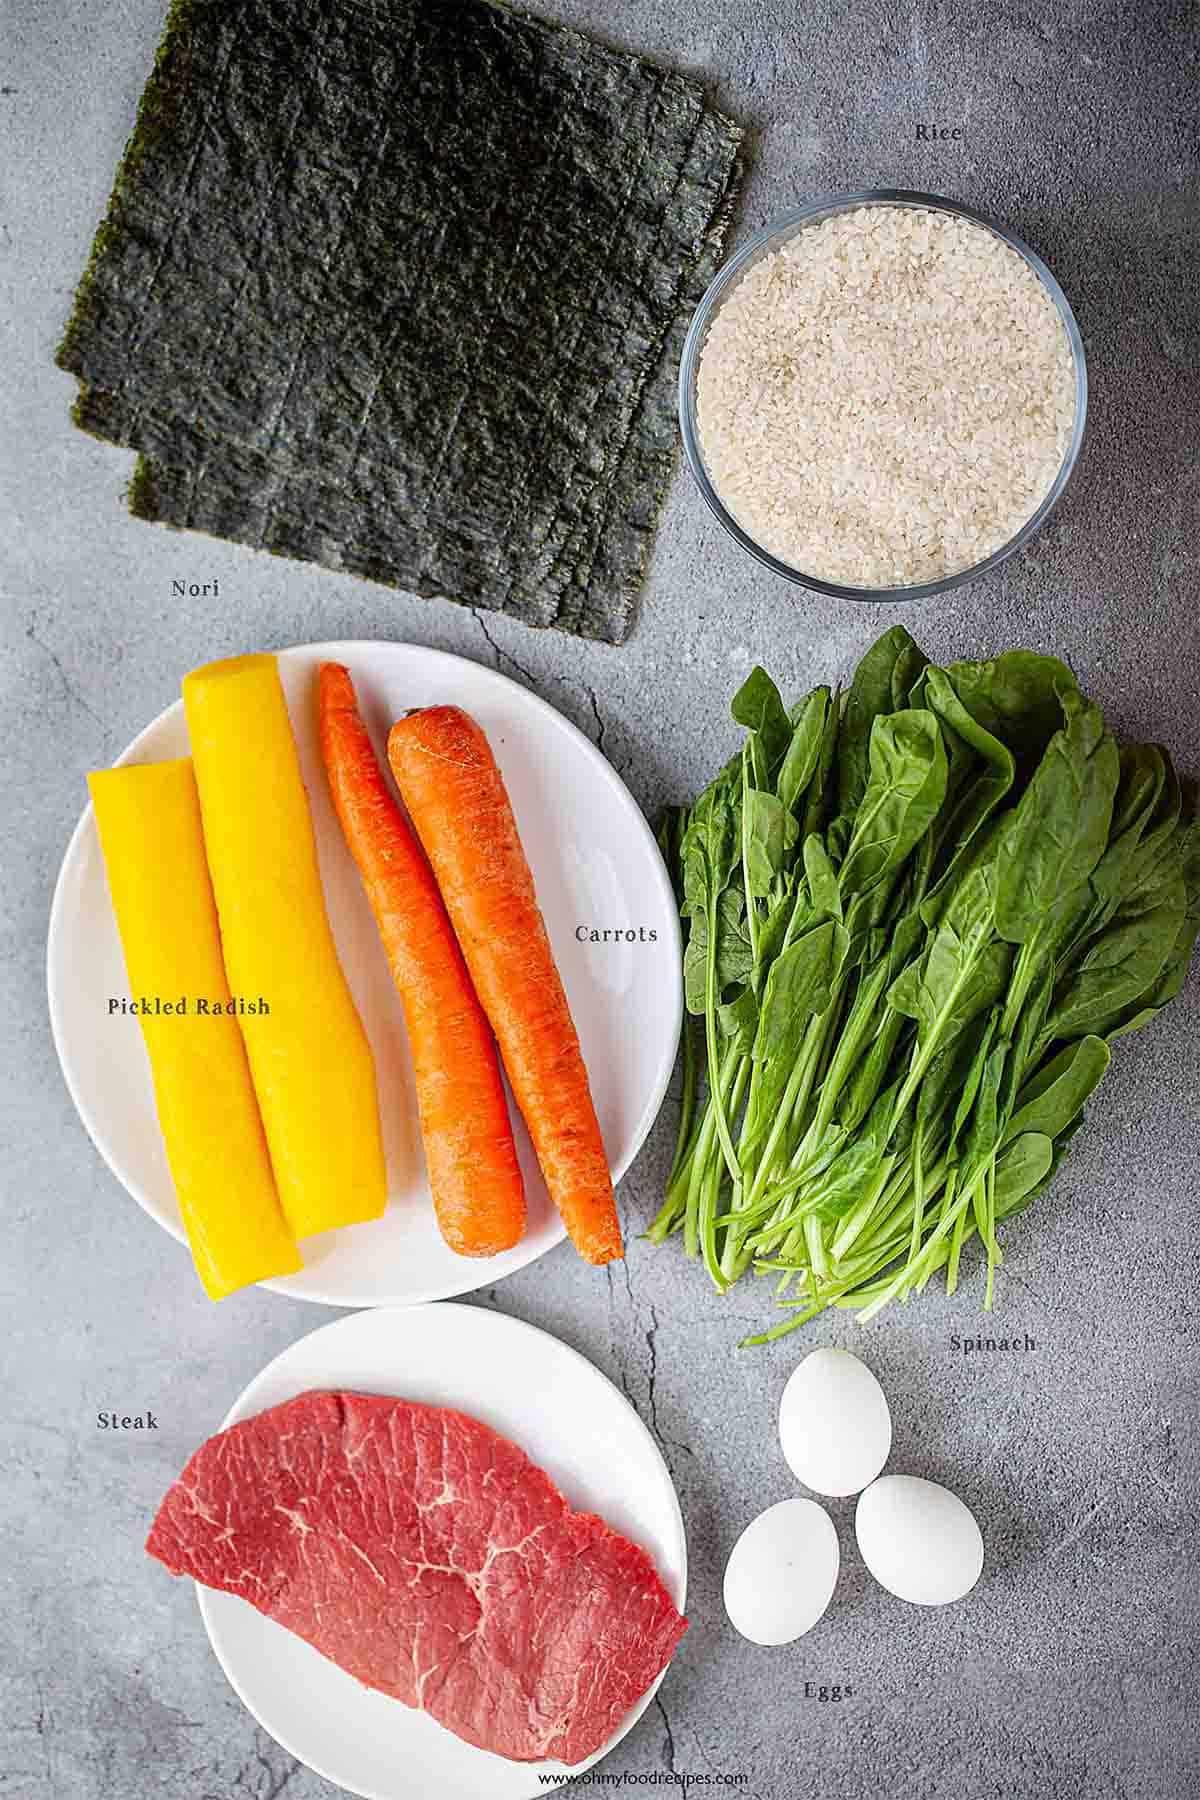 Korean sushi roll kimbap ingredients